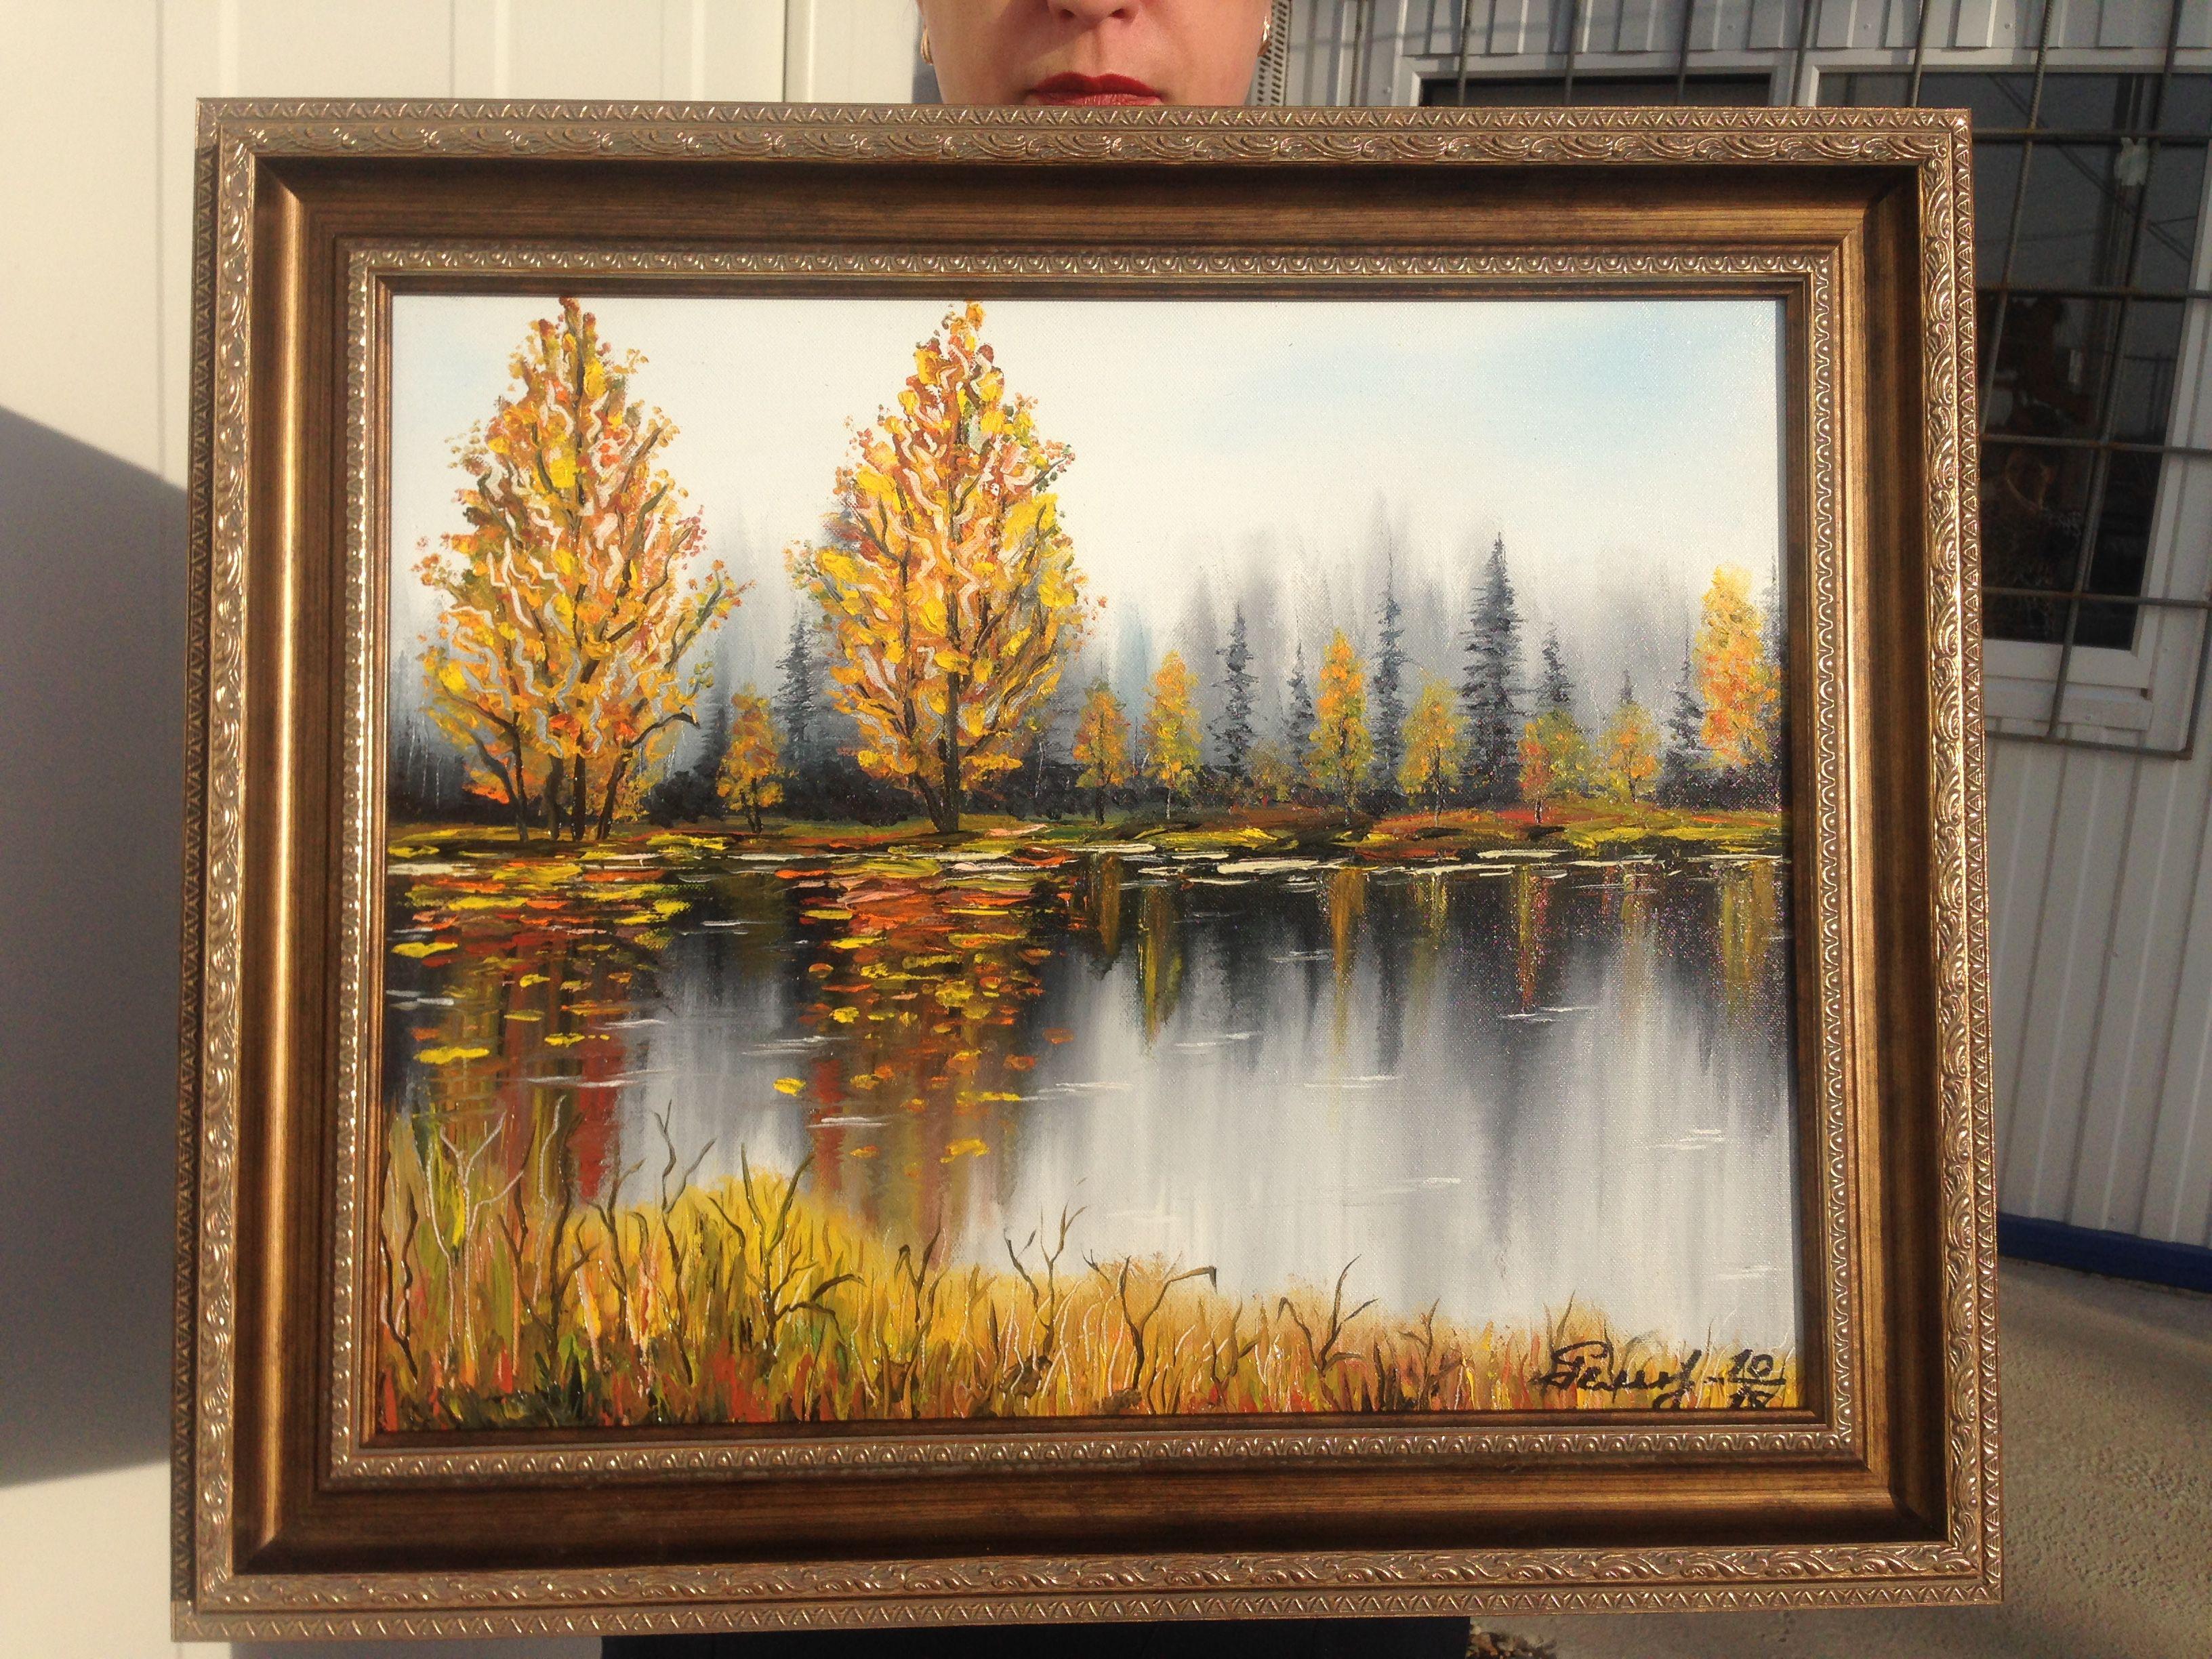 art painting interior picture autumn